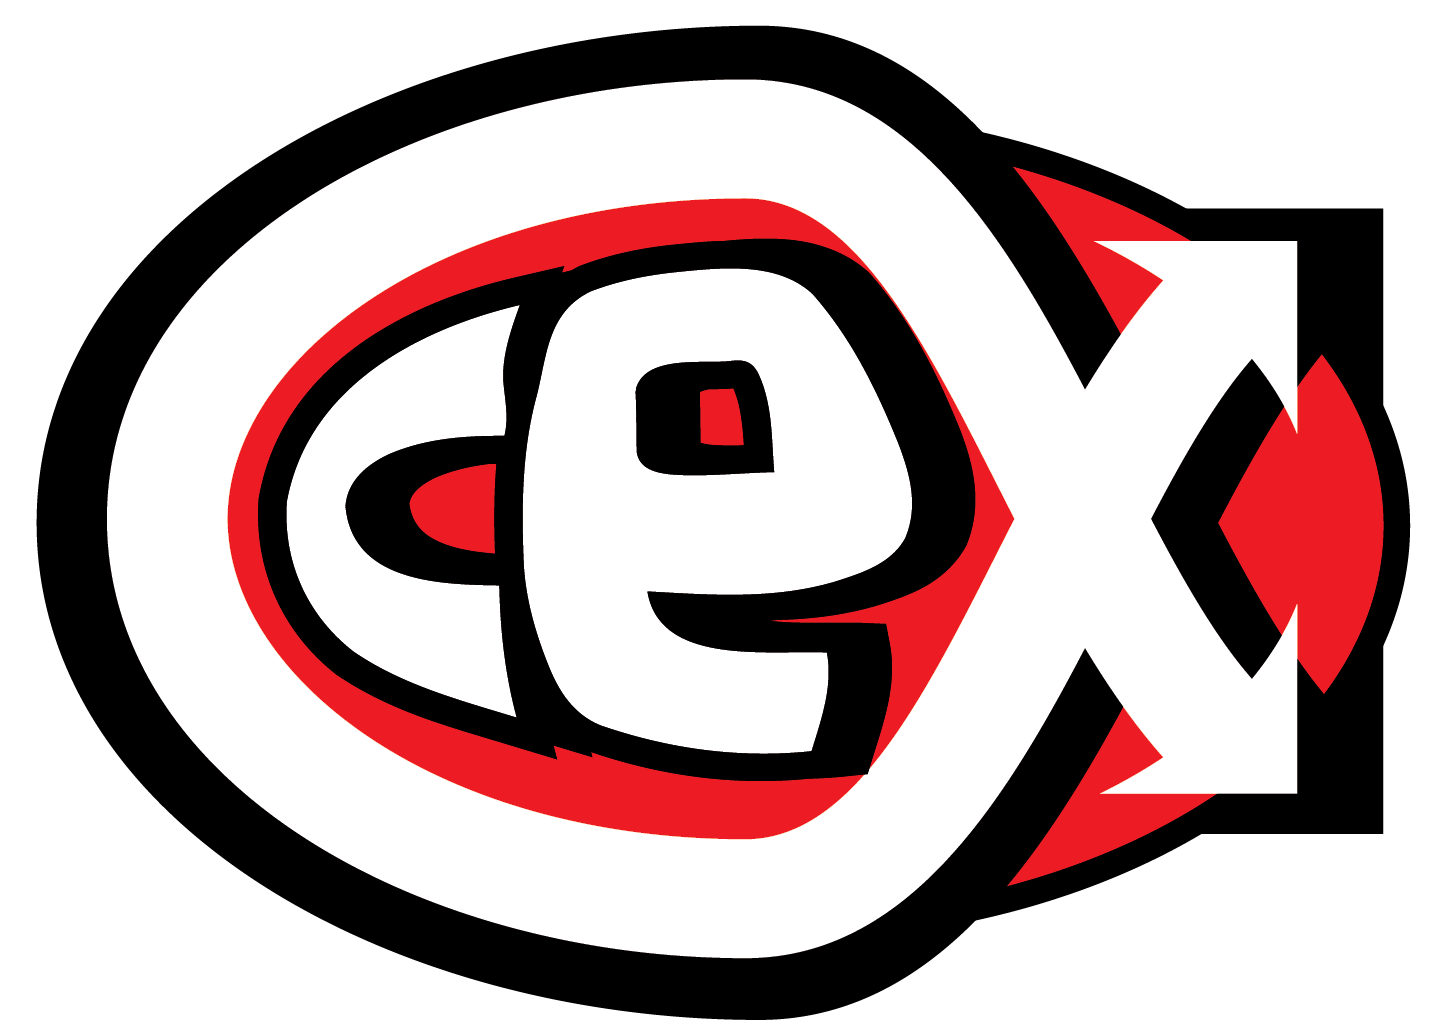 https://0201.nccdn.net/1_2/000/000/0e3/cd4/CeX_Logo_Rich_black_CMYK-01.png